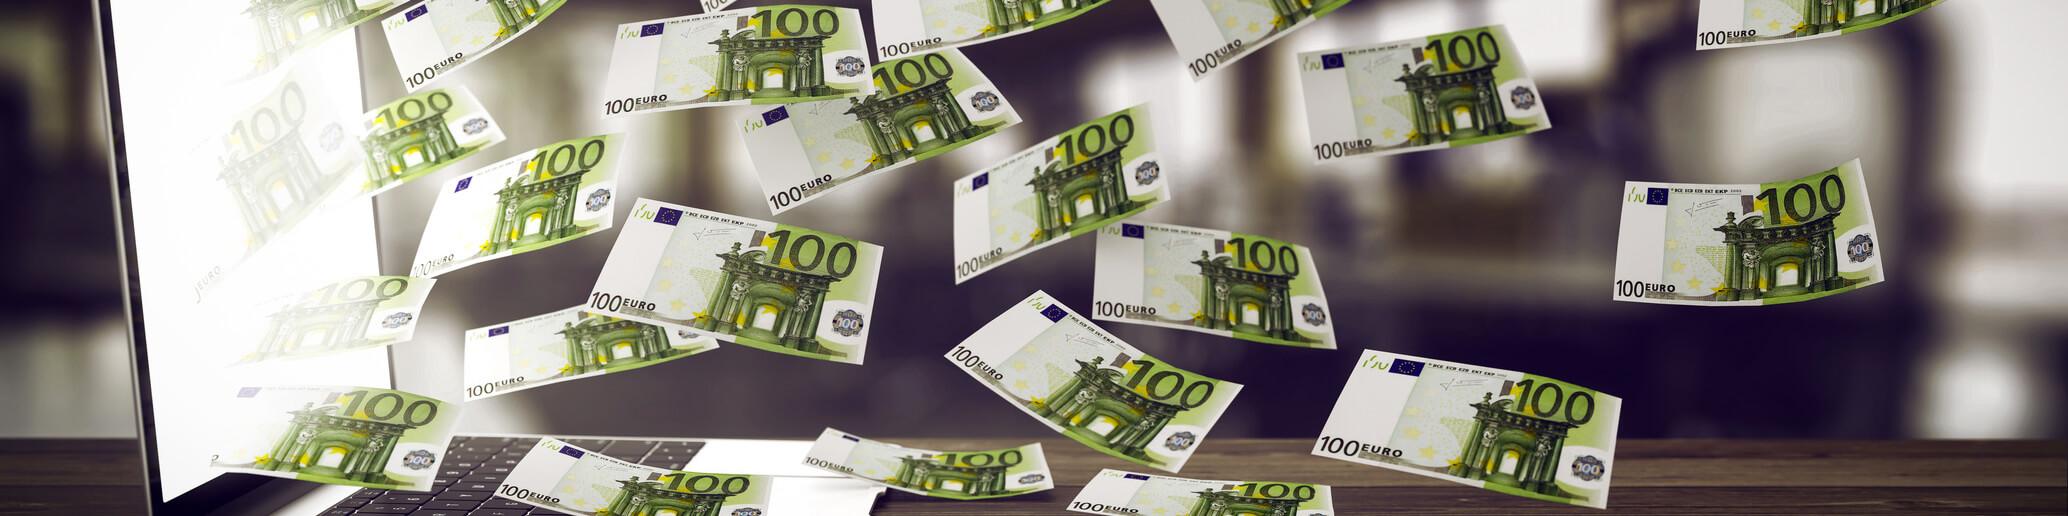 Paypal Lastschrift ZurГјckziehen